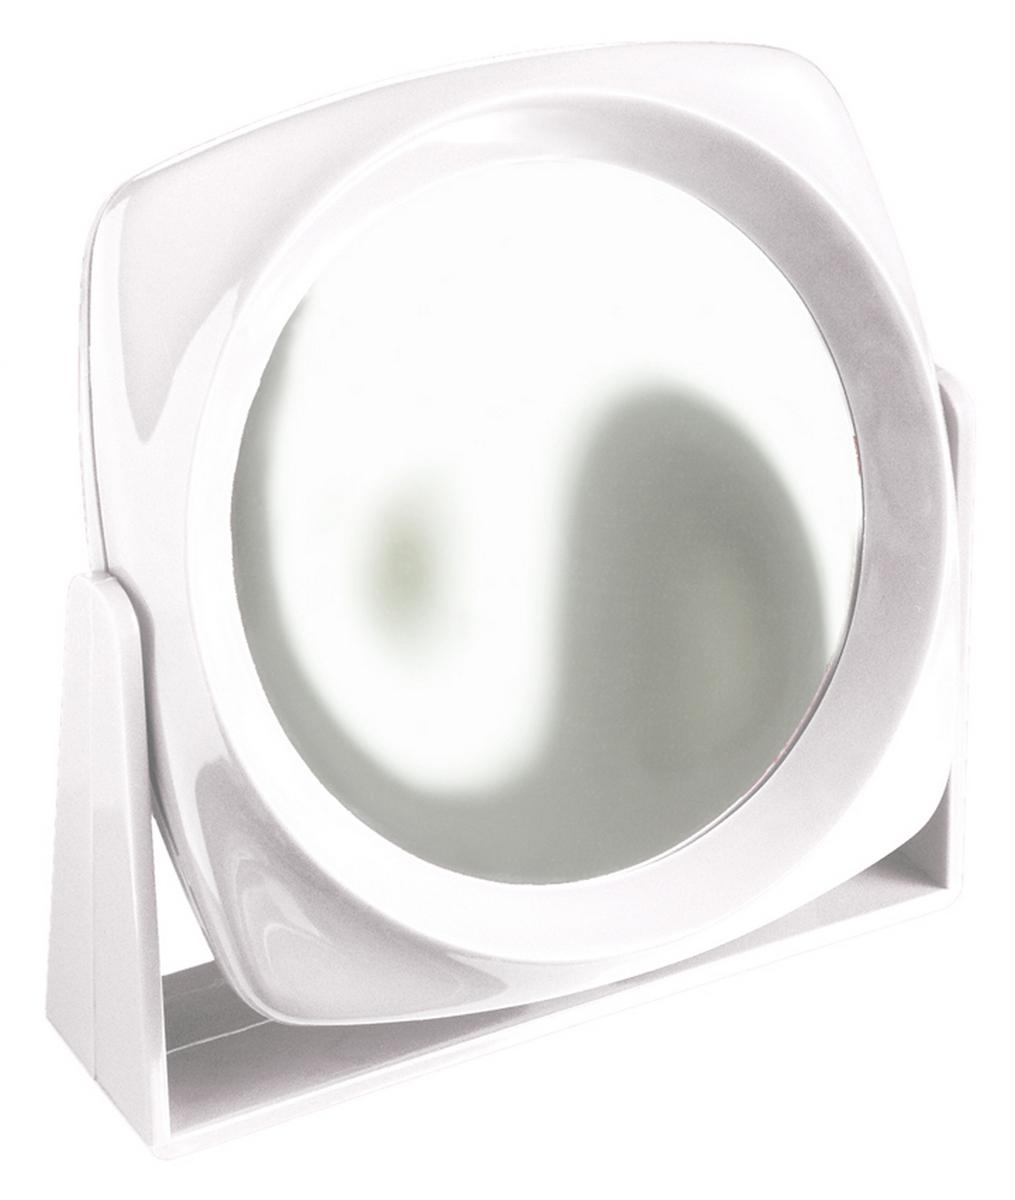 Silva Зеркало настольное, круглое, цвет: белый SZ 583